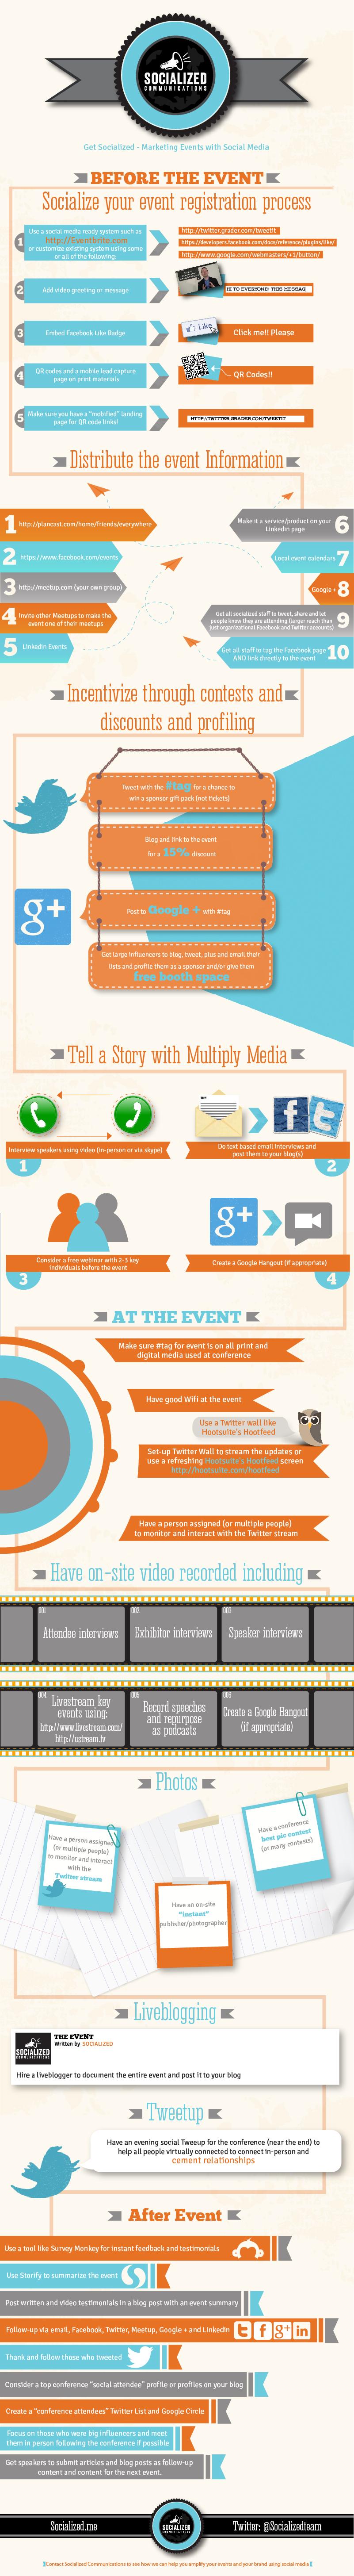 Amplifica tus eventos con Social Media